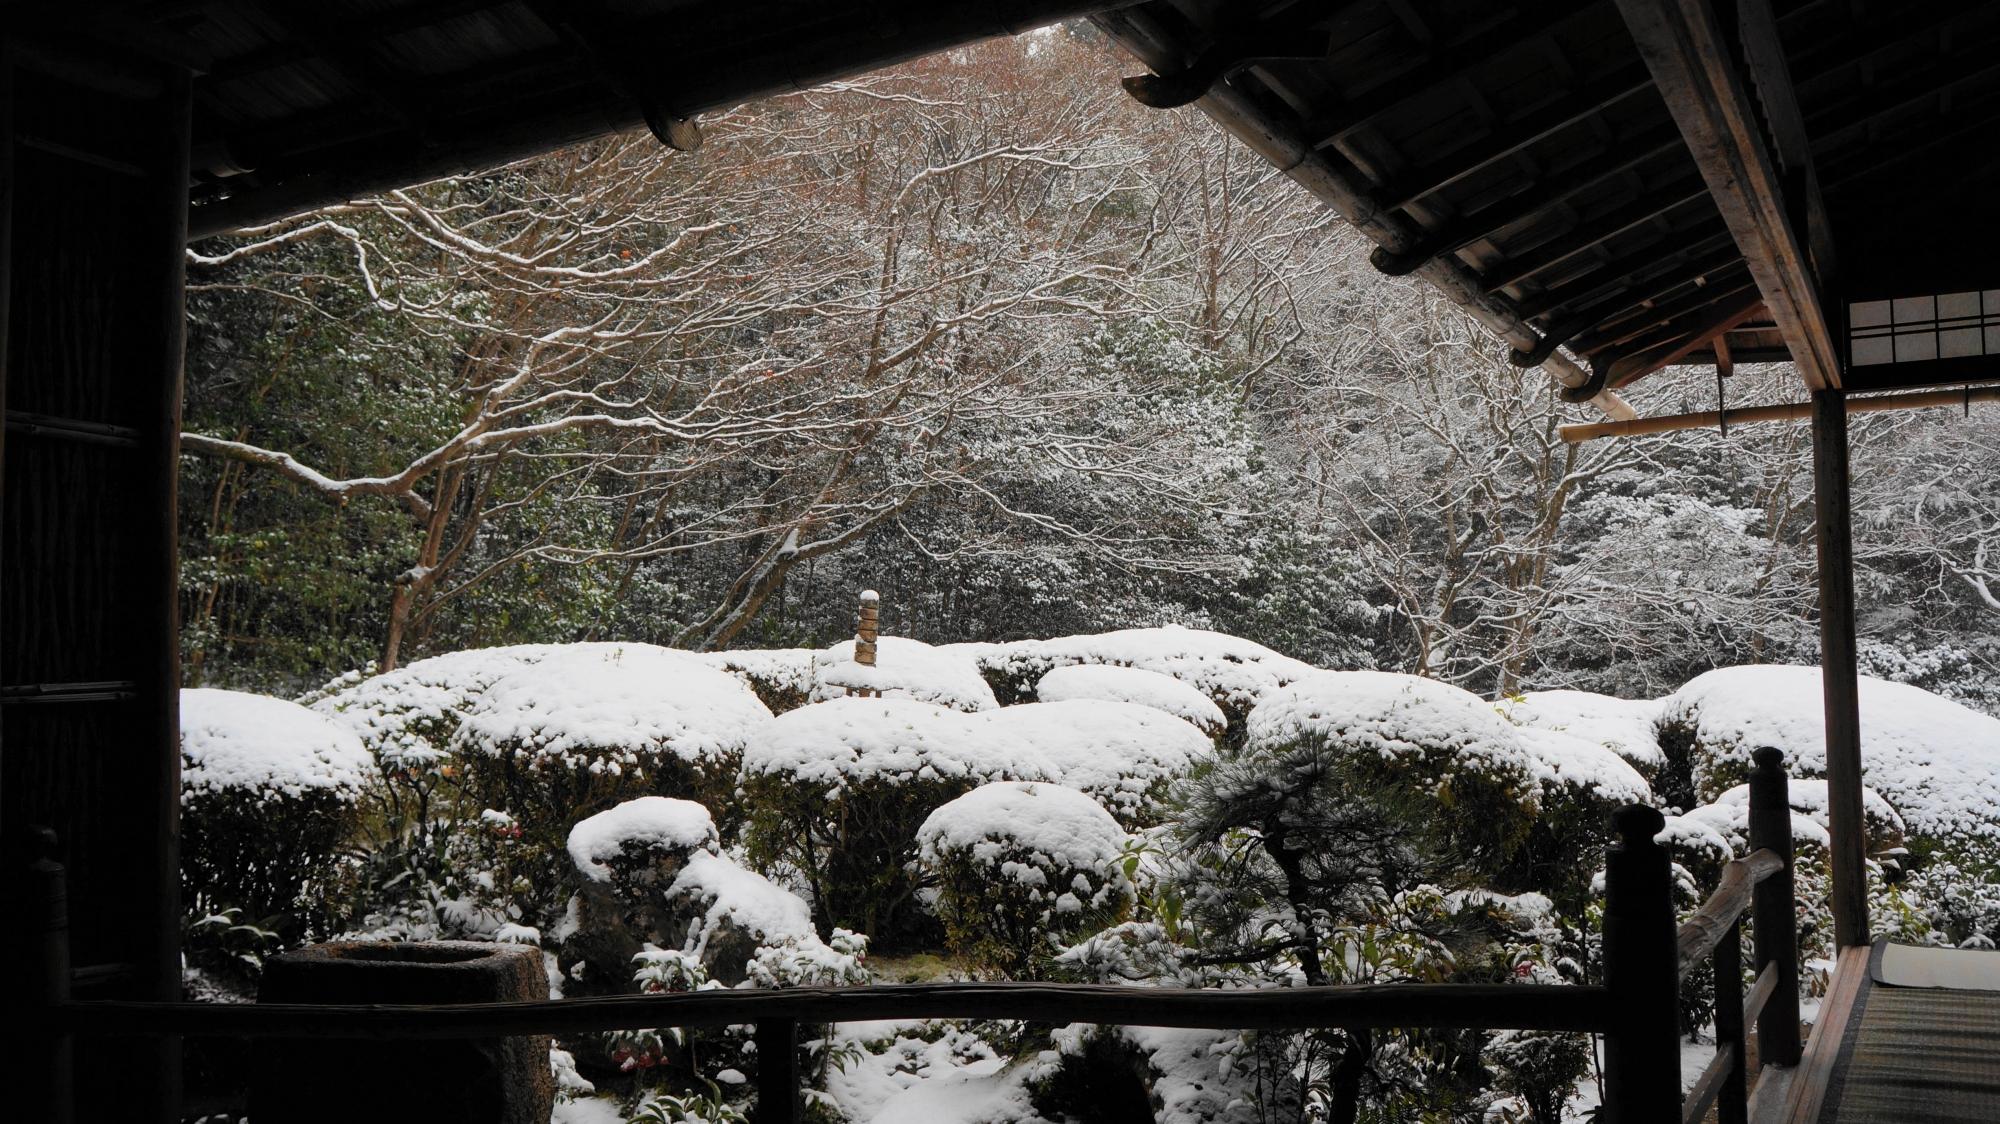 庇の下からのぞく雪につつまれたサツキの刈り込み